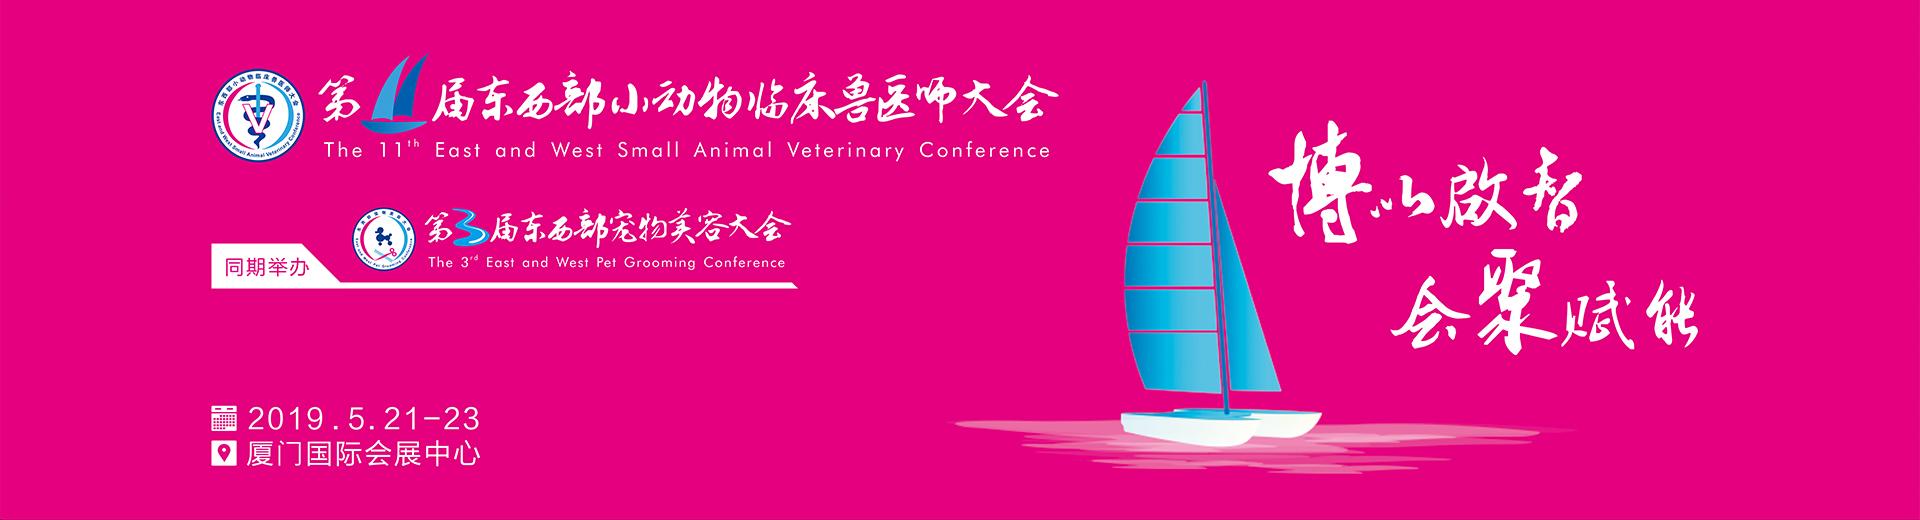 第十一届东西部小动物临床兽医师大会